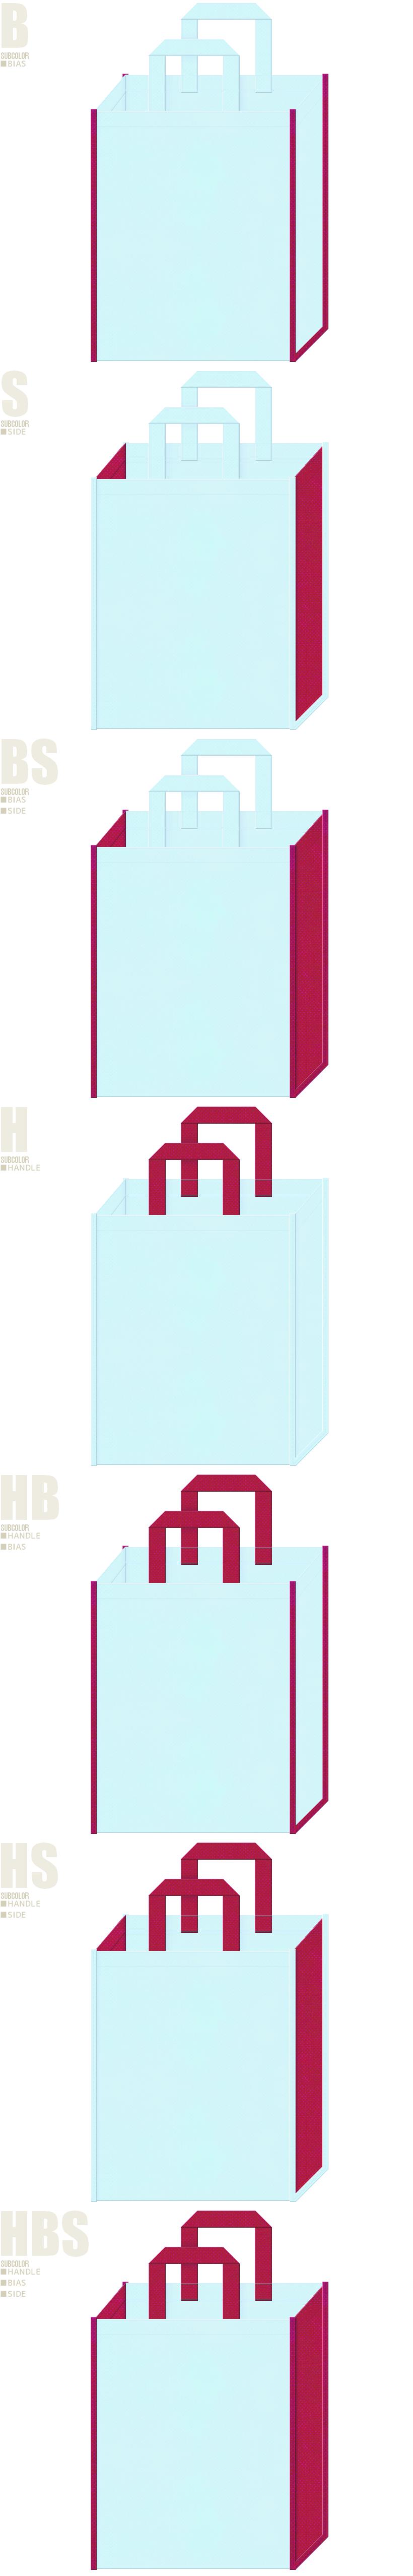 水色と濃いピンク色-7パターンの不織布トートバッグ配色デザイン例-トロピカルなカクテルイメージの不織布バッグにお奨めです。